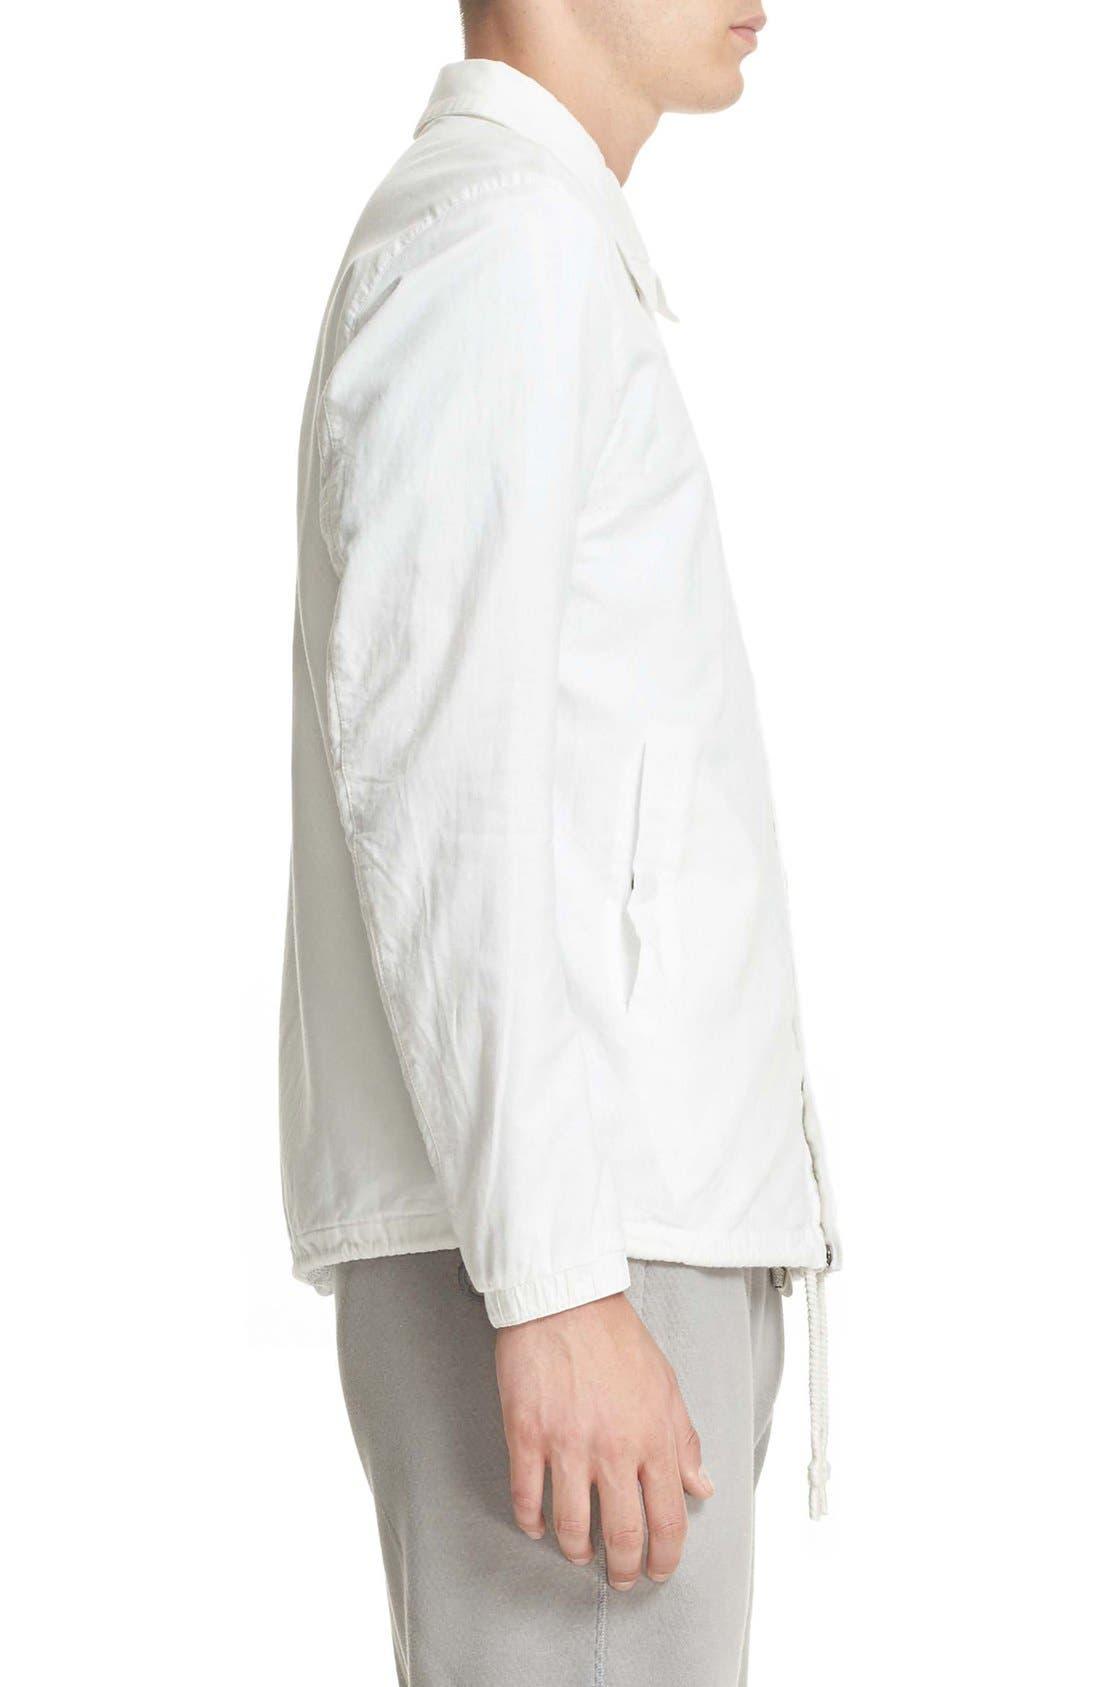 Cotton & Linen Coach Jacket,                             Alternate thumbnail 2, color,                             100